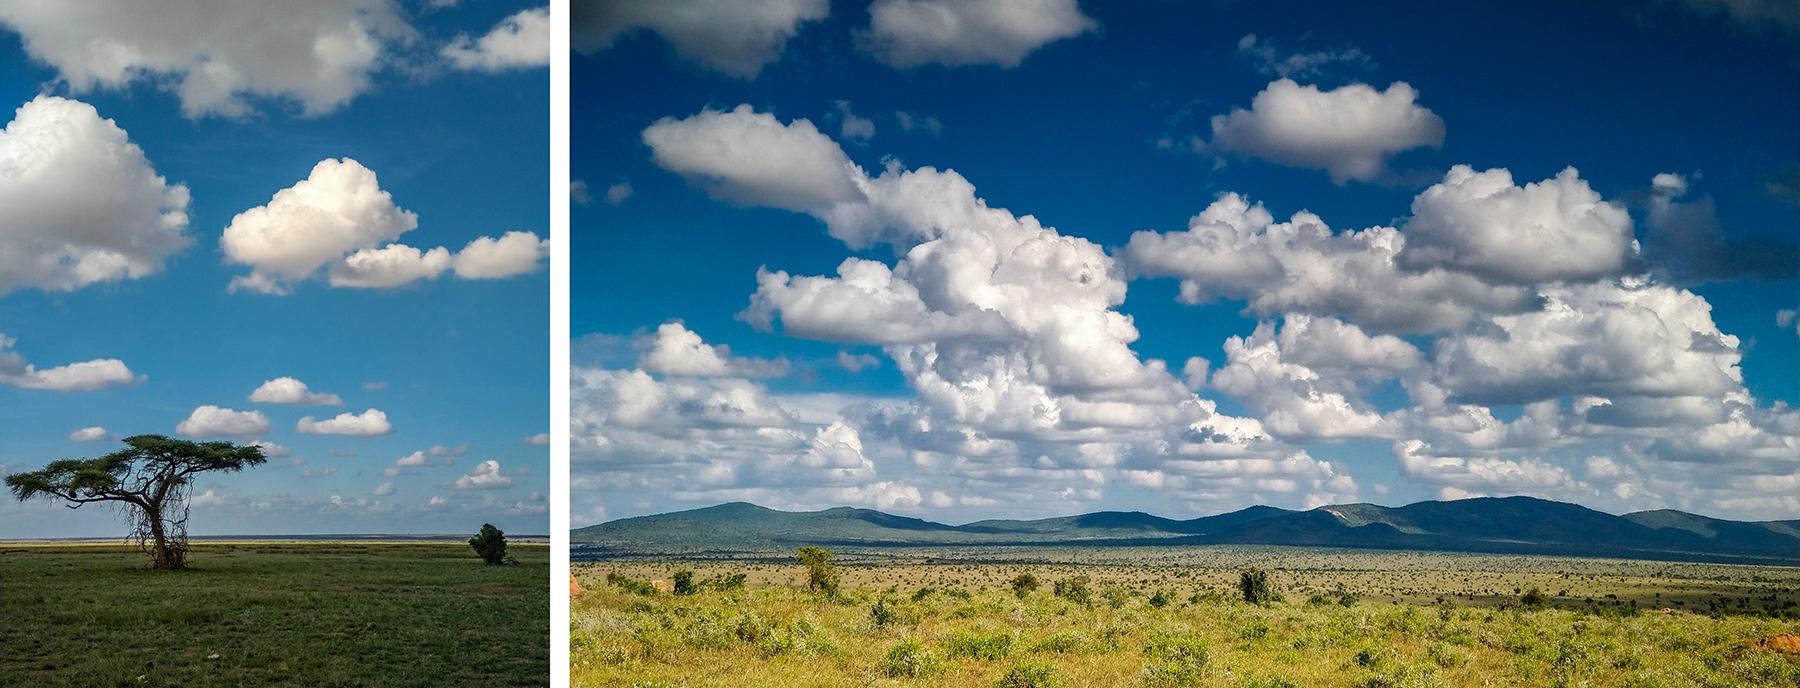 Safari w Kenii zdjęcia zrobione smartfonem oderwany